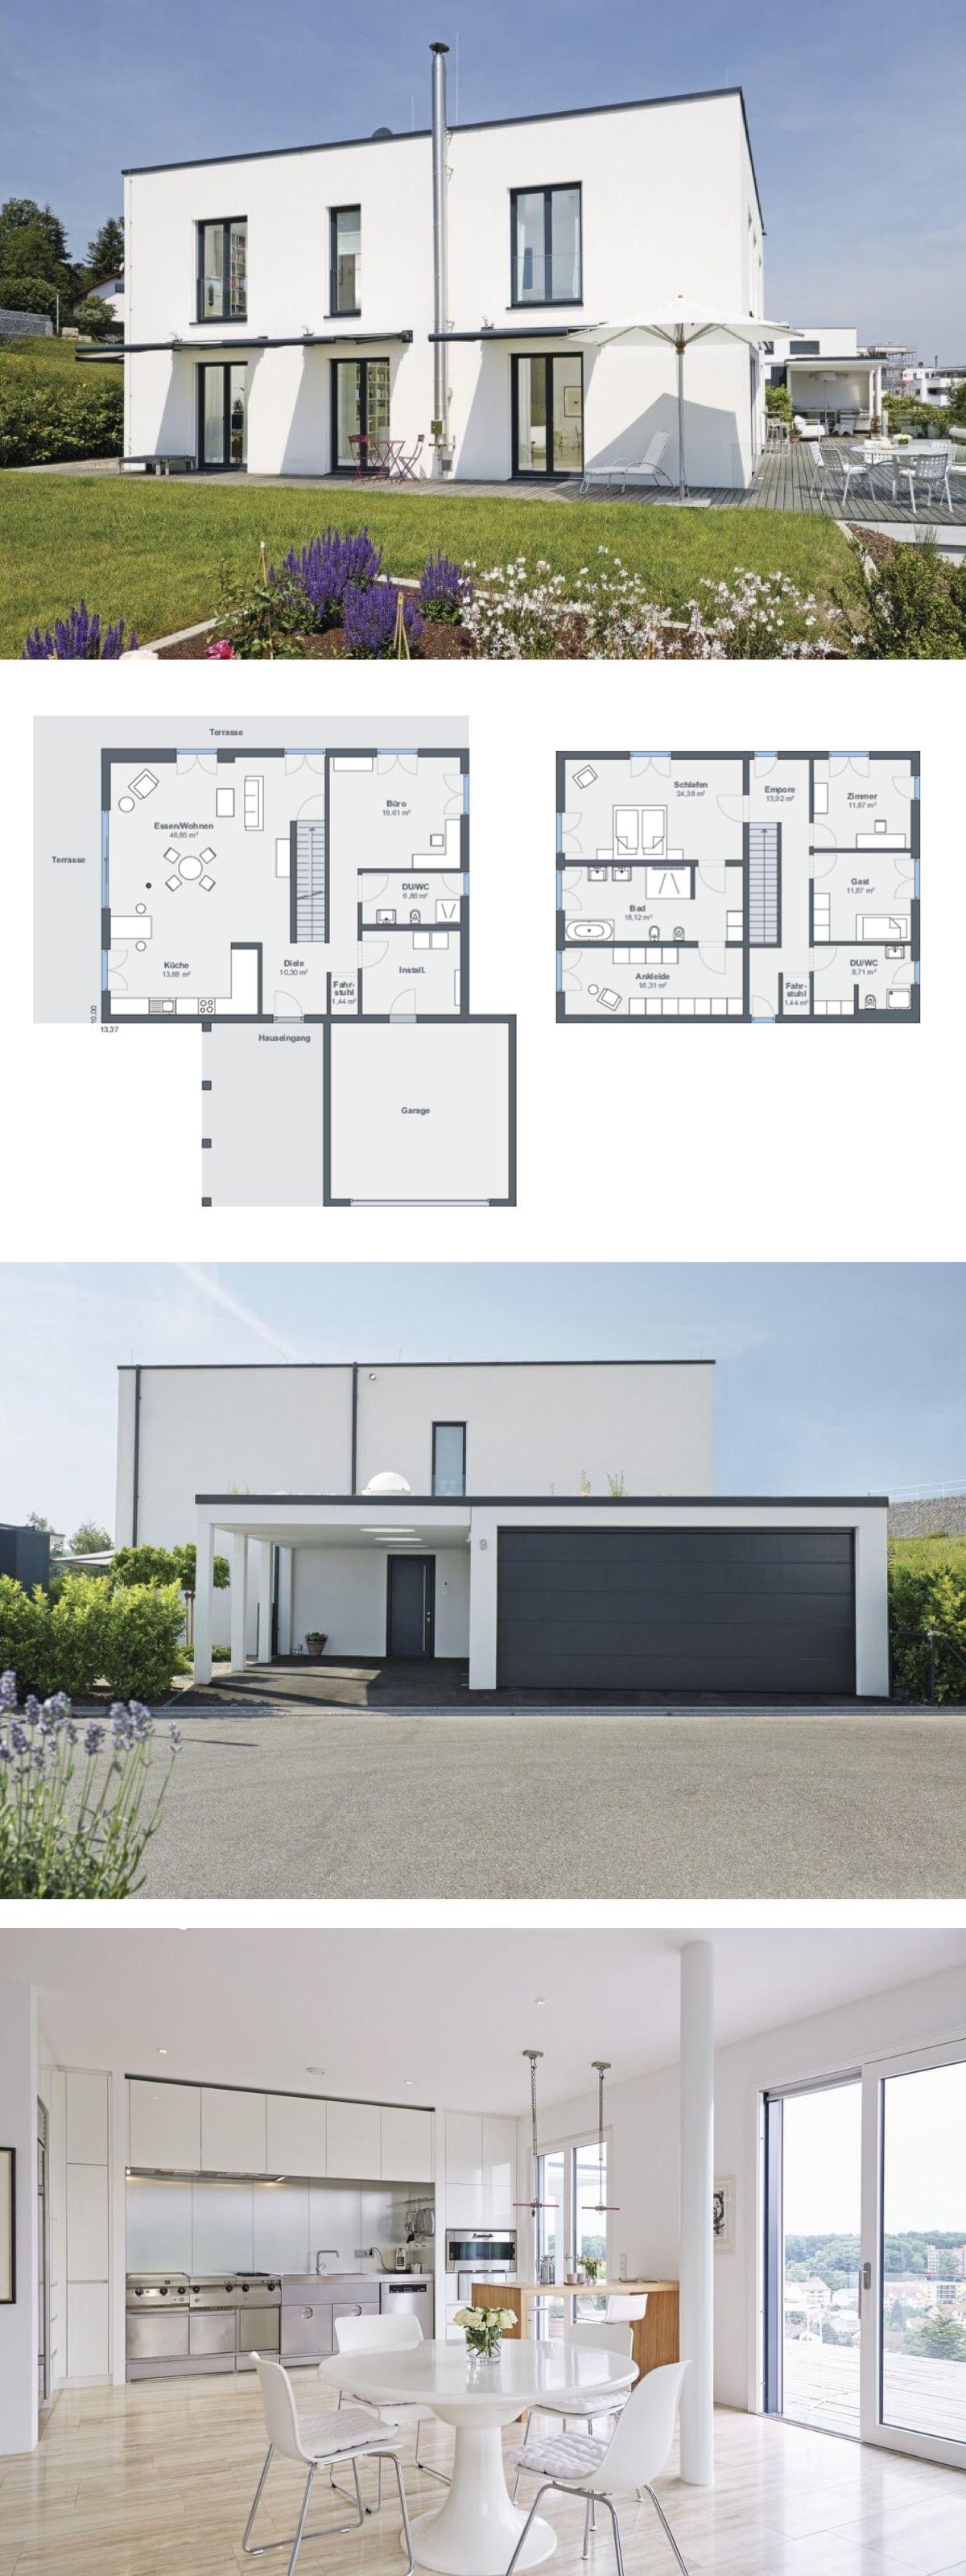 Modernes design haus im bauhausstil mit garage flachdach for Modernes einfamilienhaus grundriss